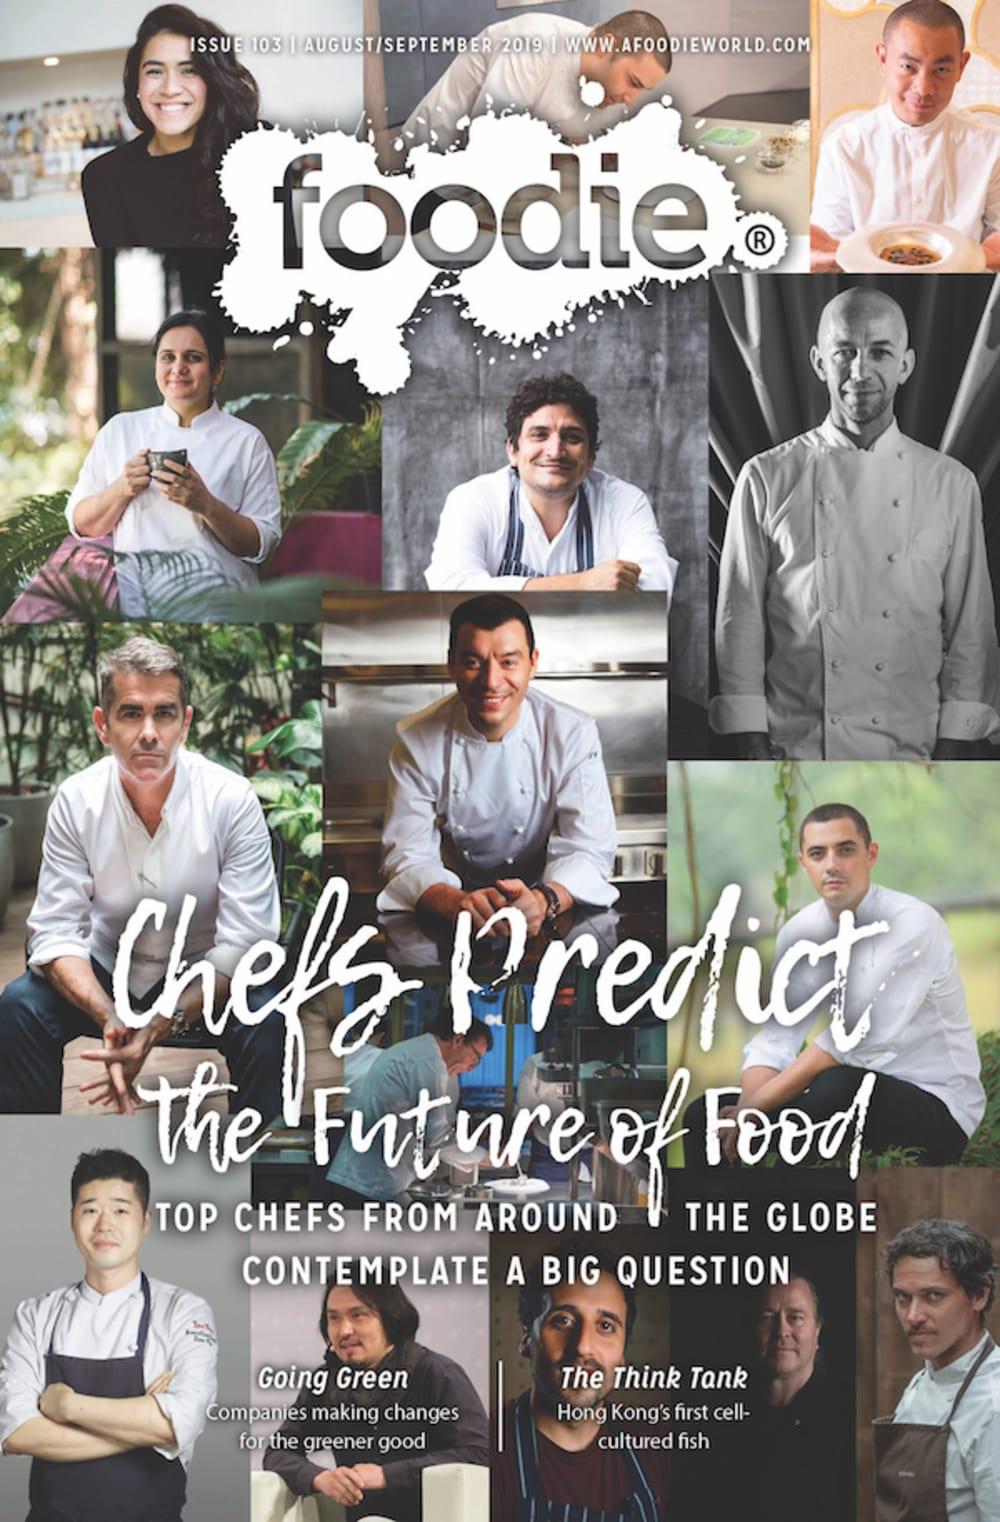 Chefs Predict the Future of Food